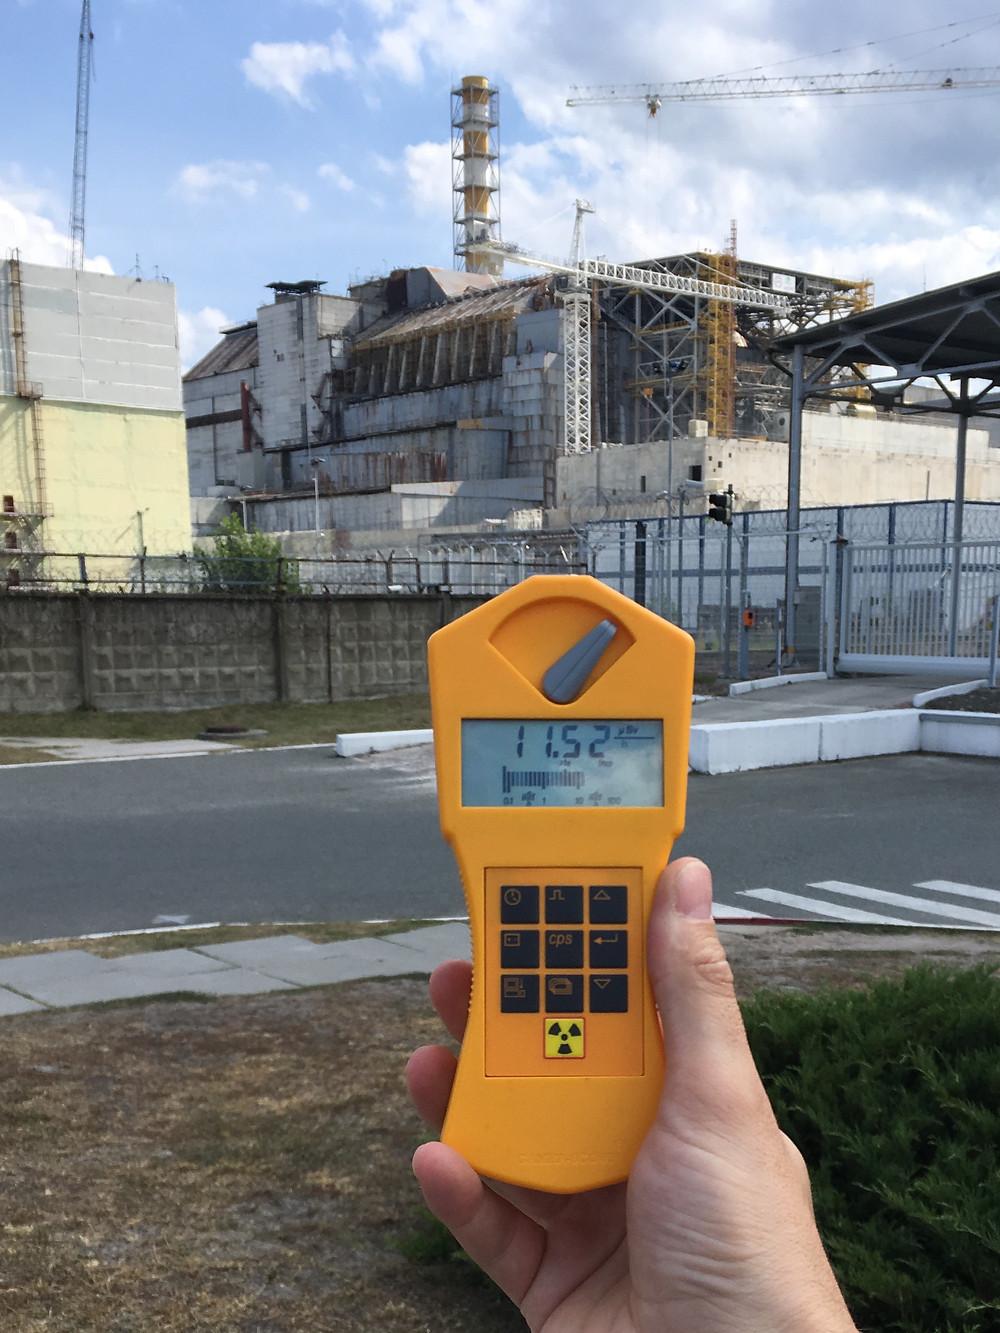 Kraftværket hvor Tjernobyl ulykken skete